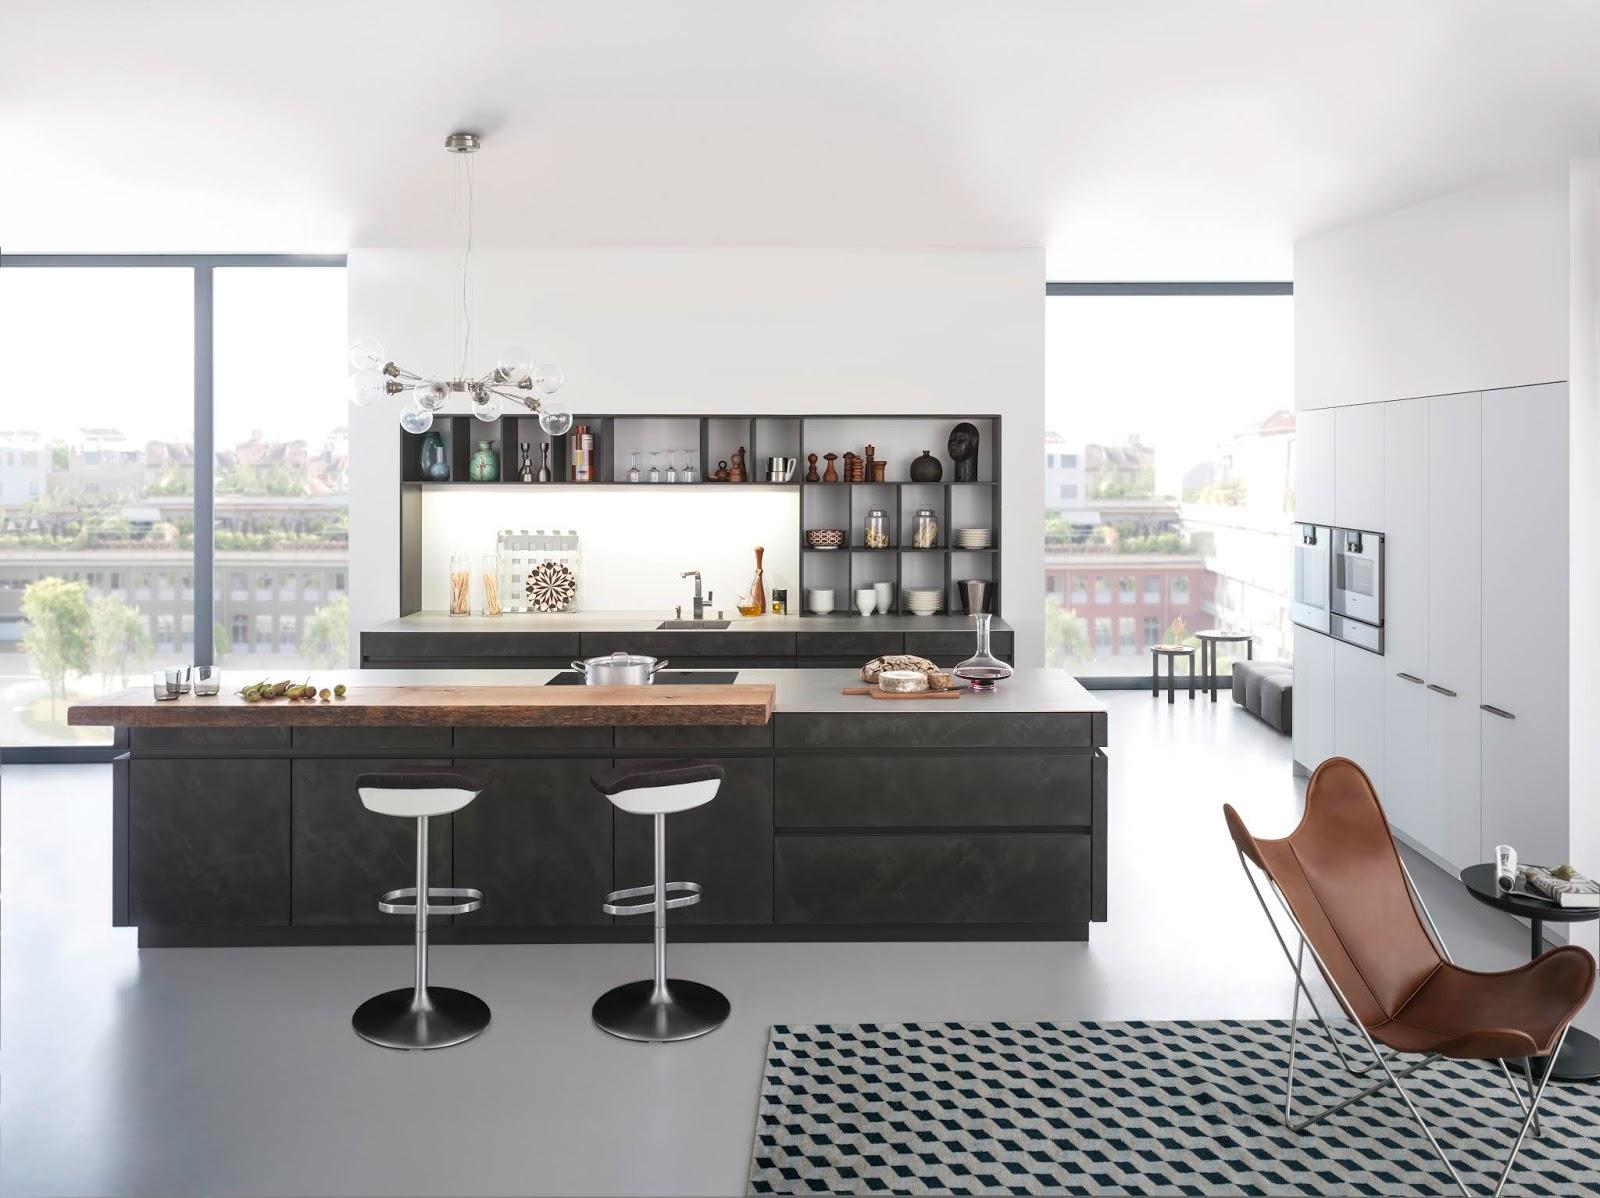 Jak zaprojektować kuchnię aby była przestronna?